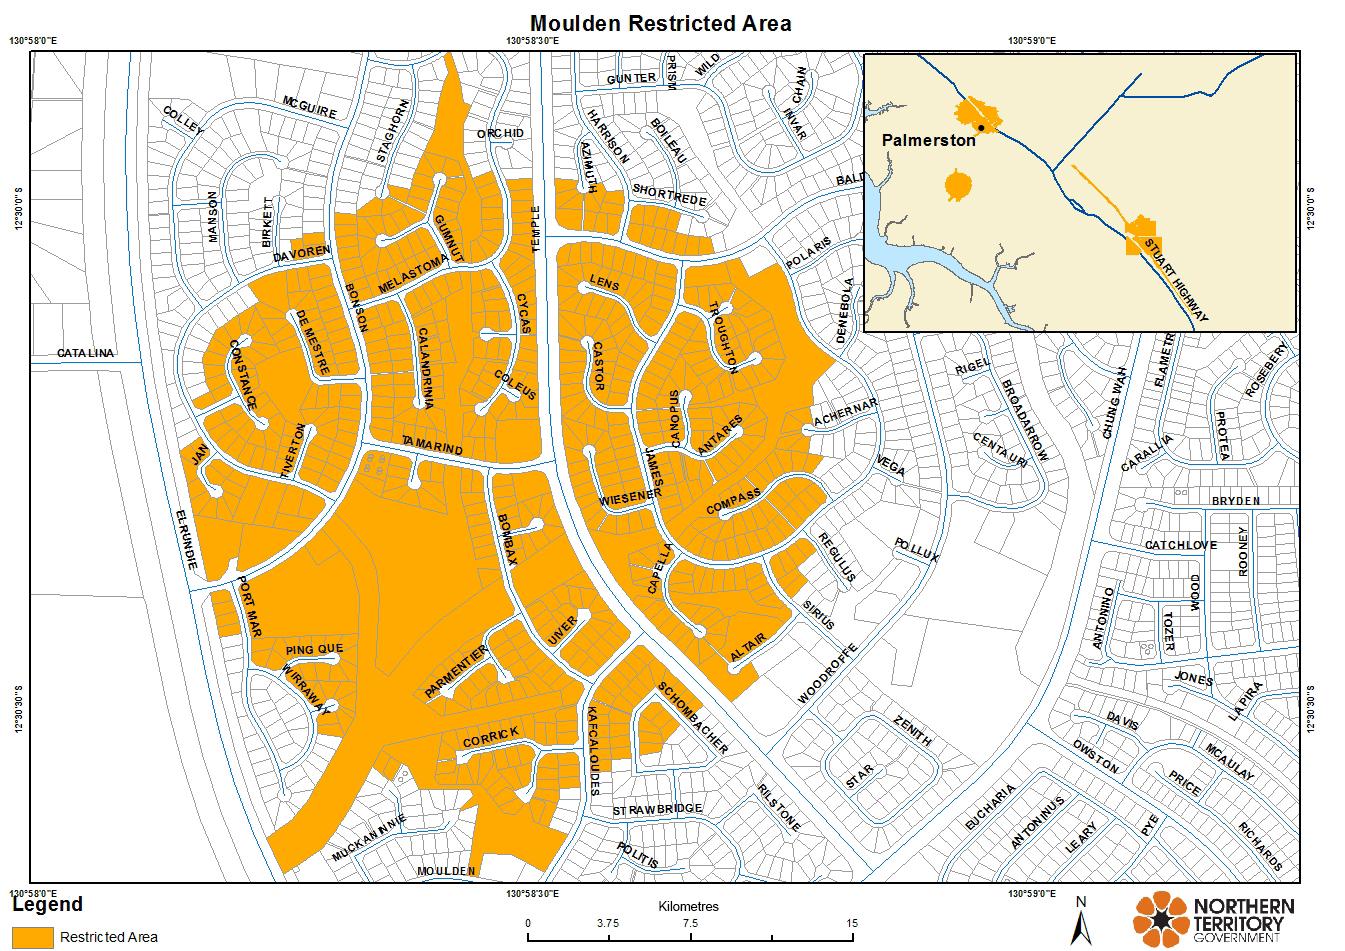 Moulden restricted area